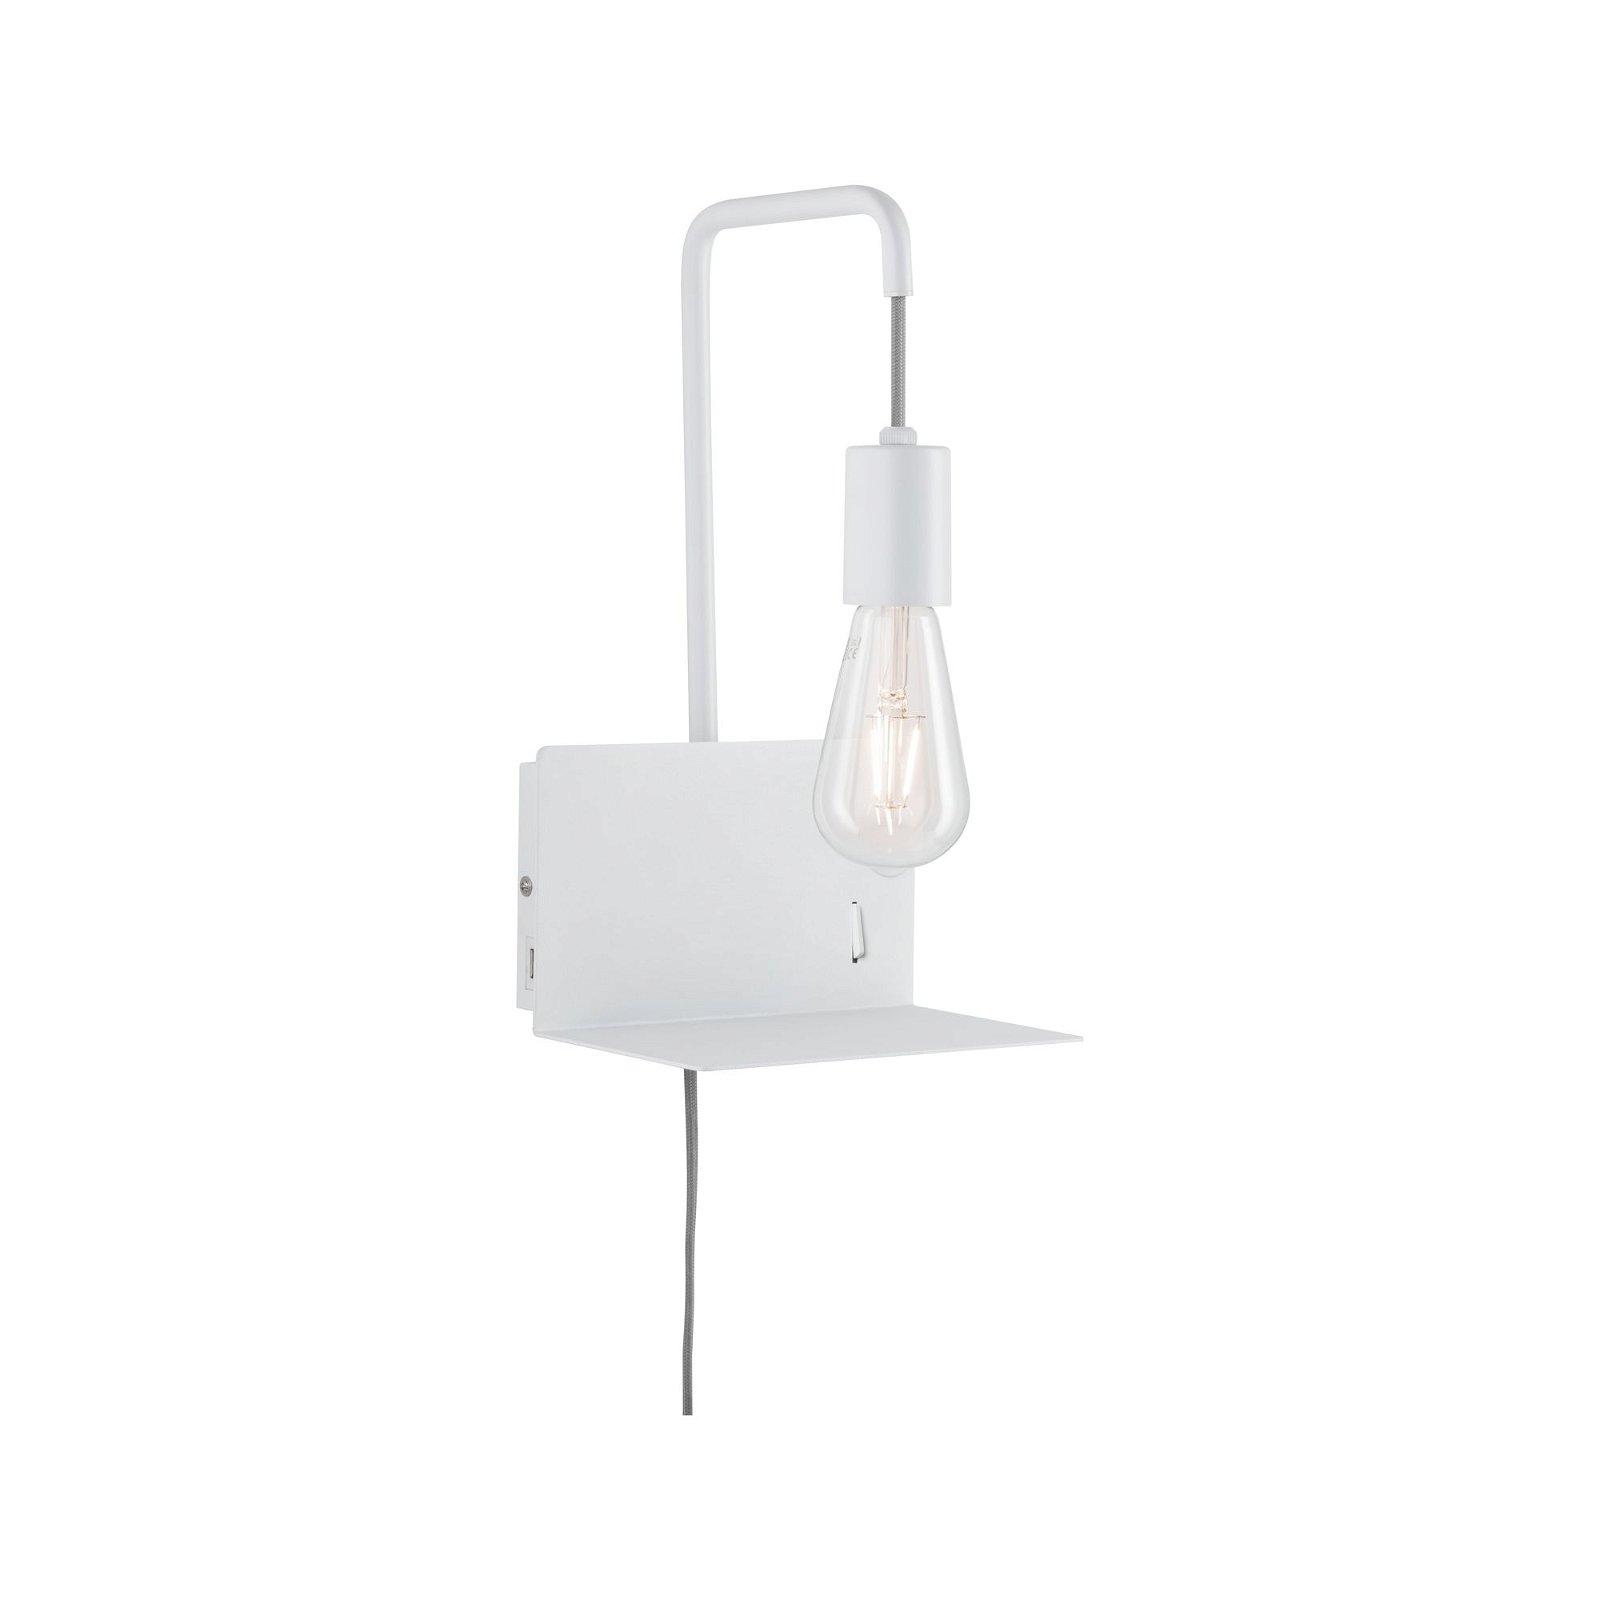 Applique avec étagère Calvani E27 230V max. 40W Blanc